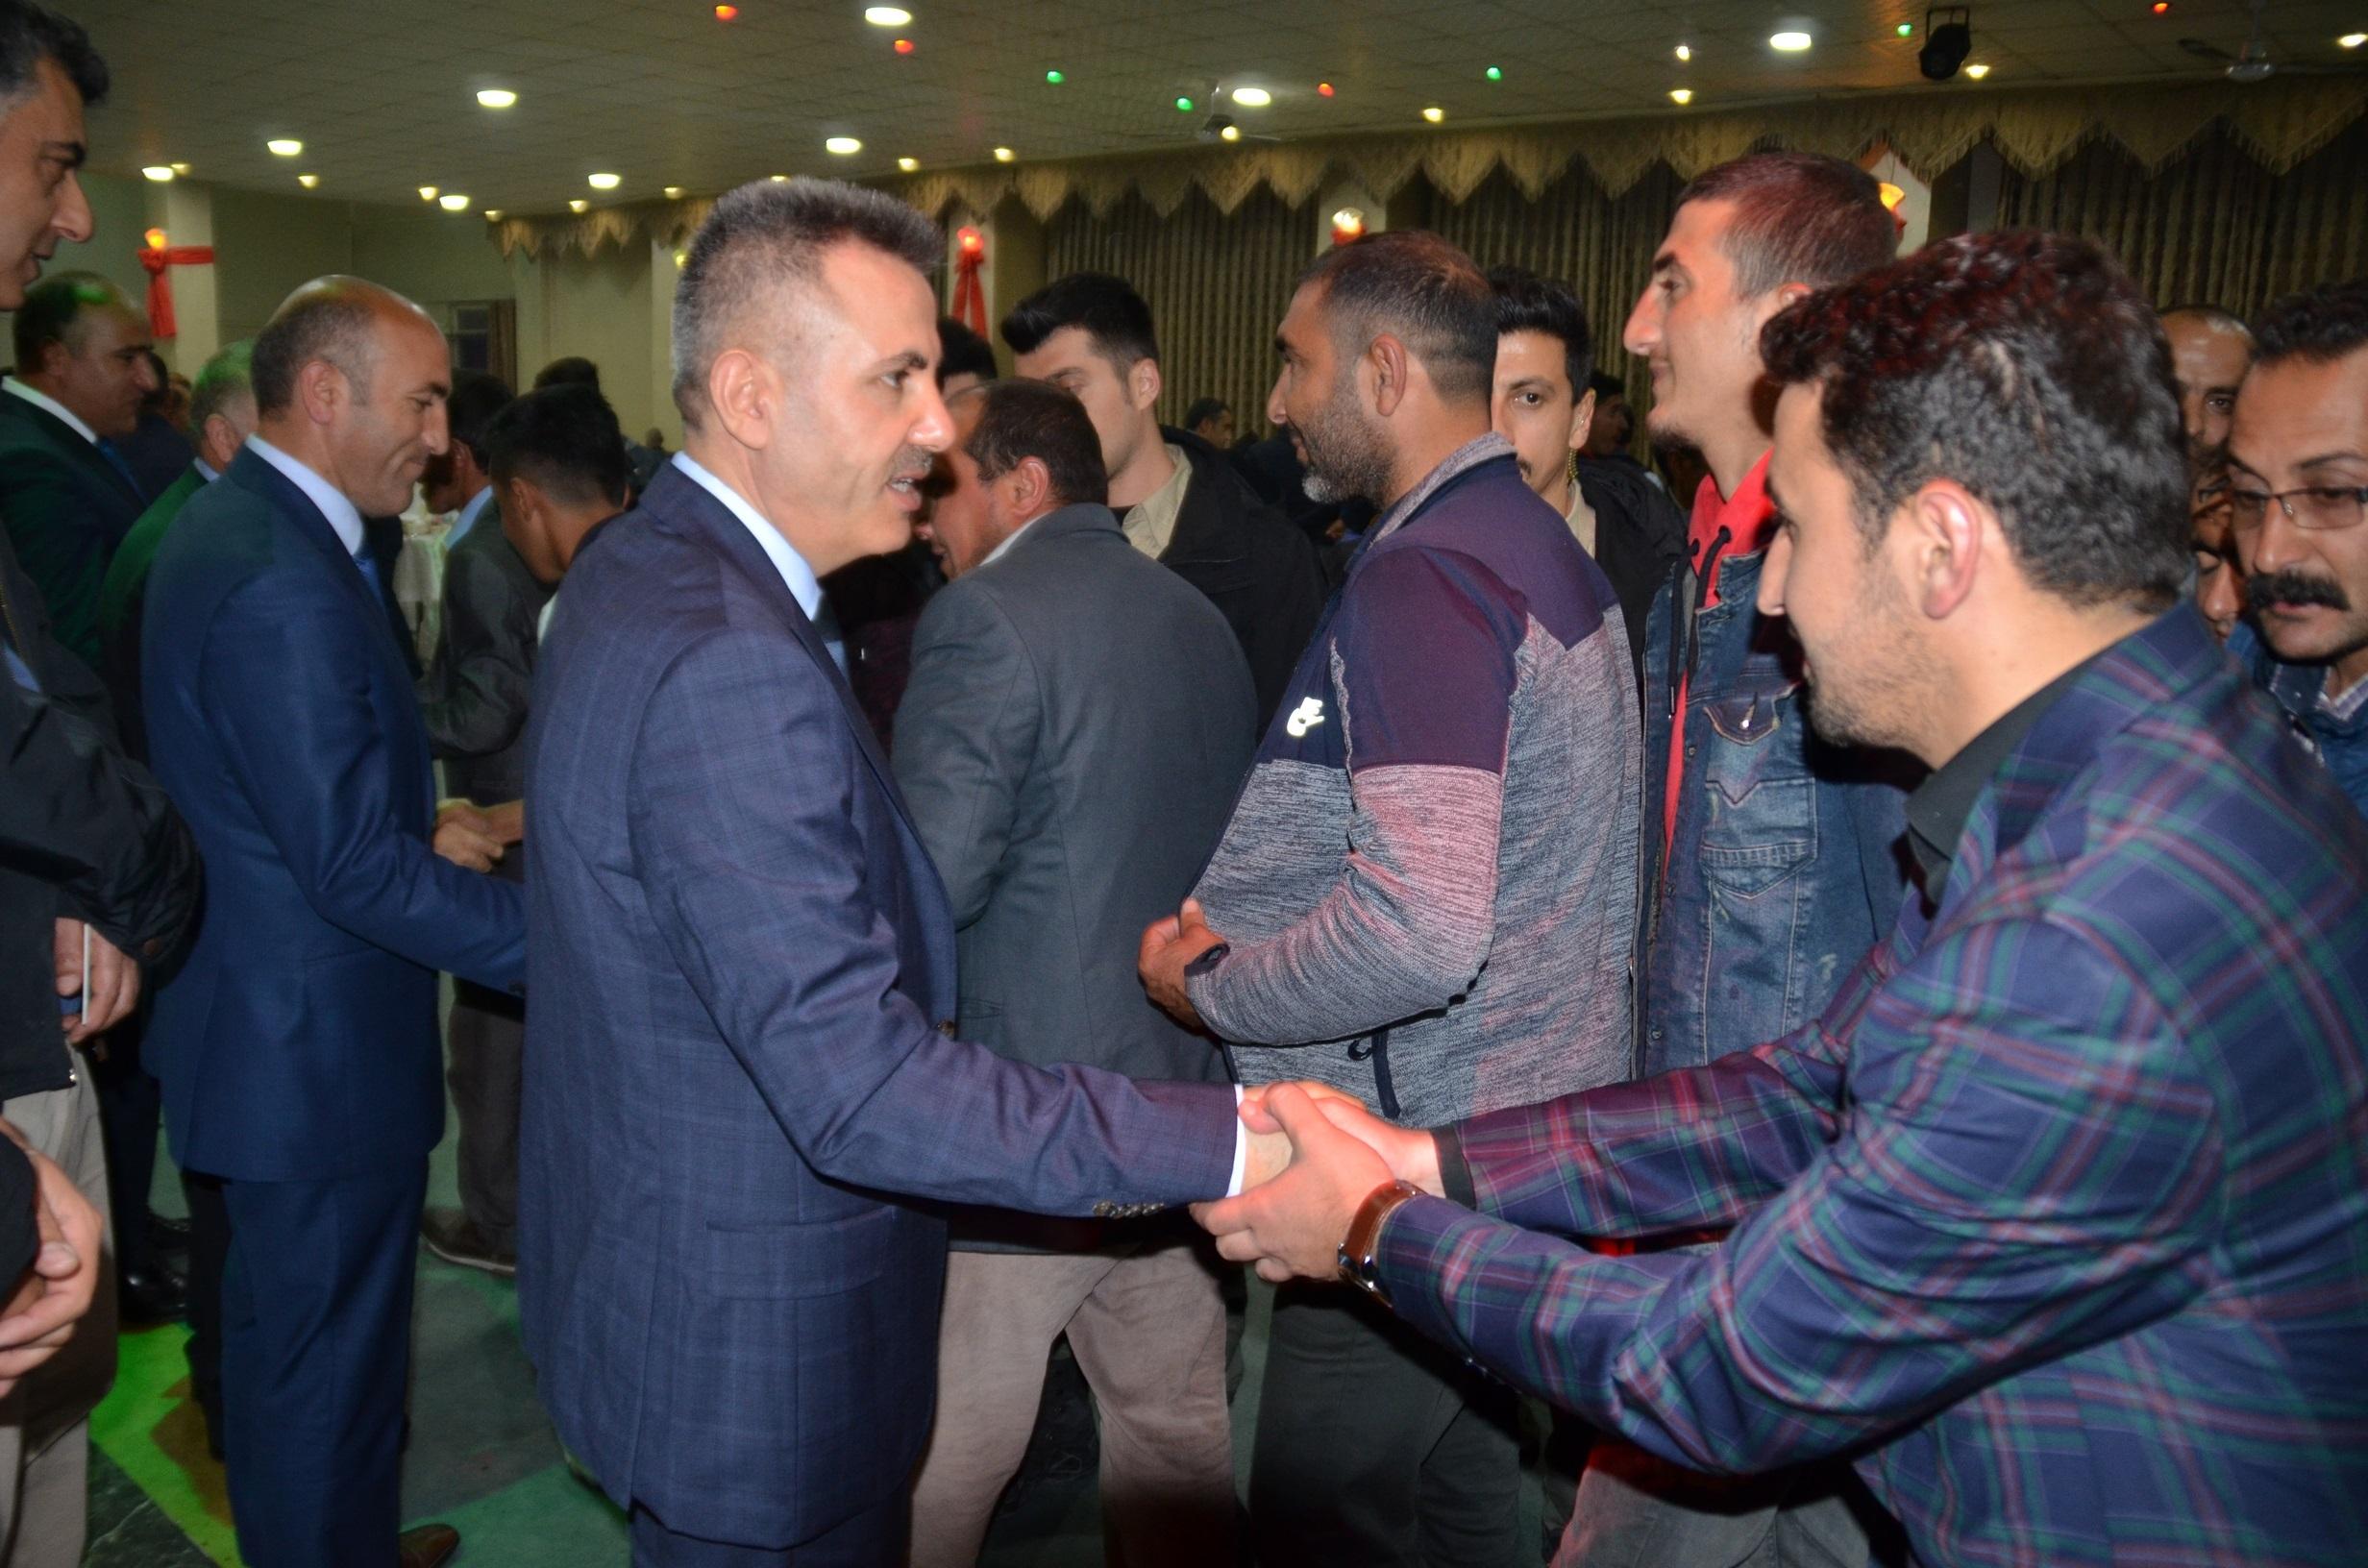 Vali ve Belediye Başkanı Süleyman Elban, belediye personeliyle iftar yemeğinde biraraya geldi.